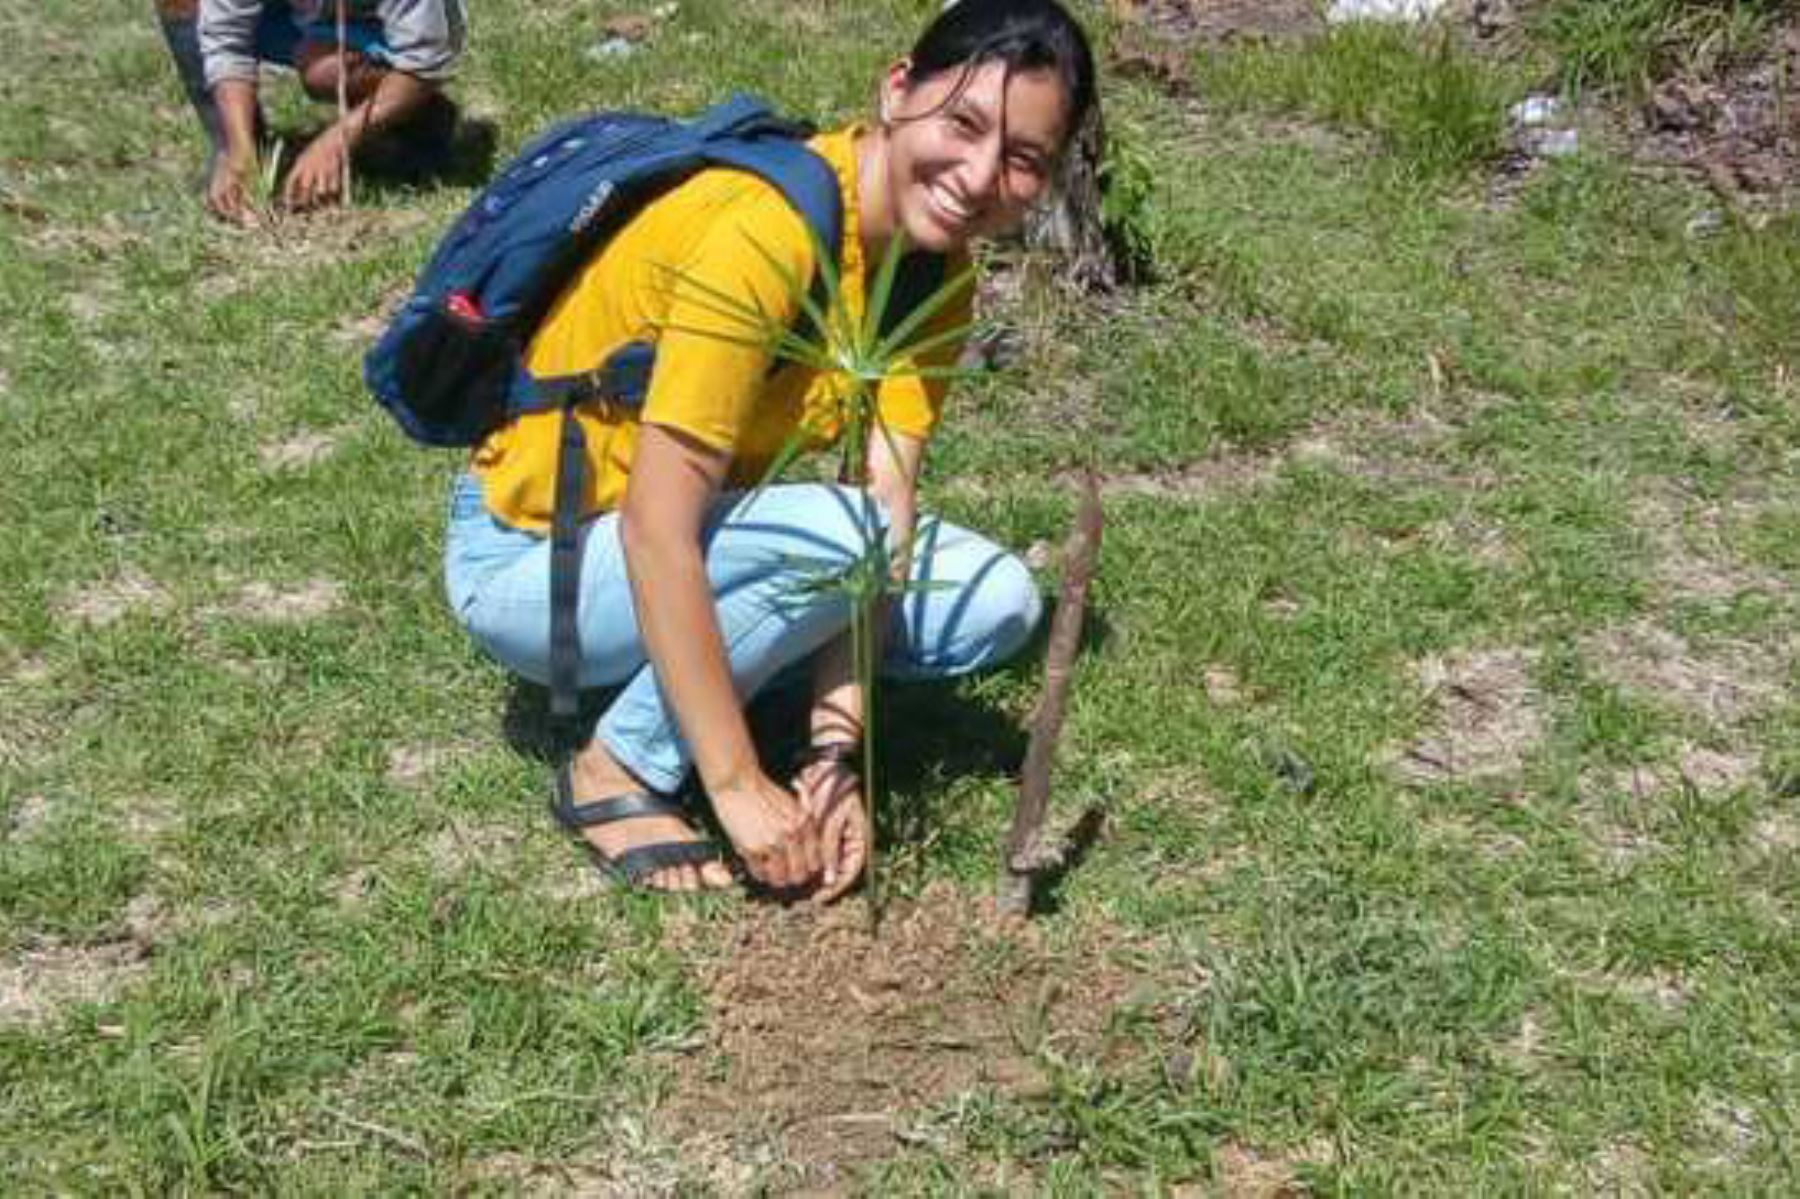 Escolares de secundaria de la comunidad El Salvador del distrito de Mazán (Loreto) sembraron 37 plántulas de palmeras de aguaje, como parte de capacitación a cargo del Minagri.